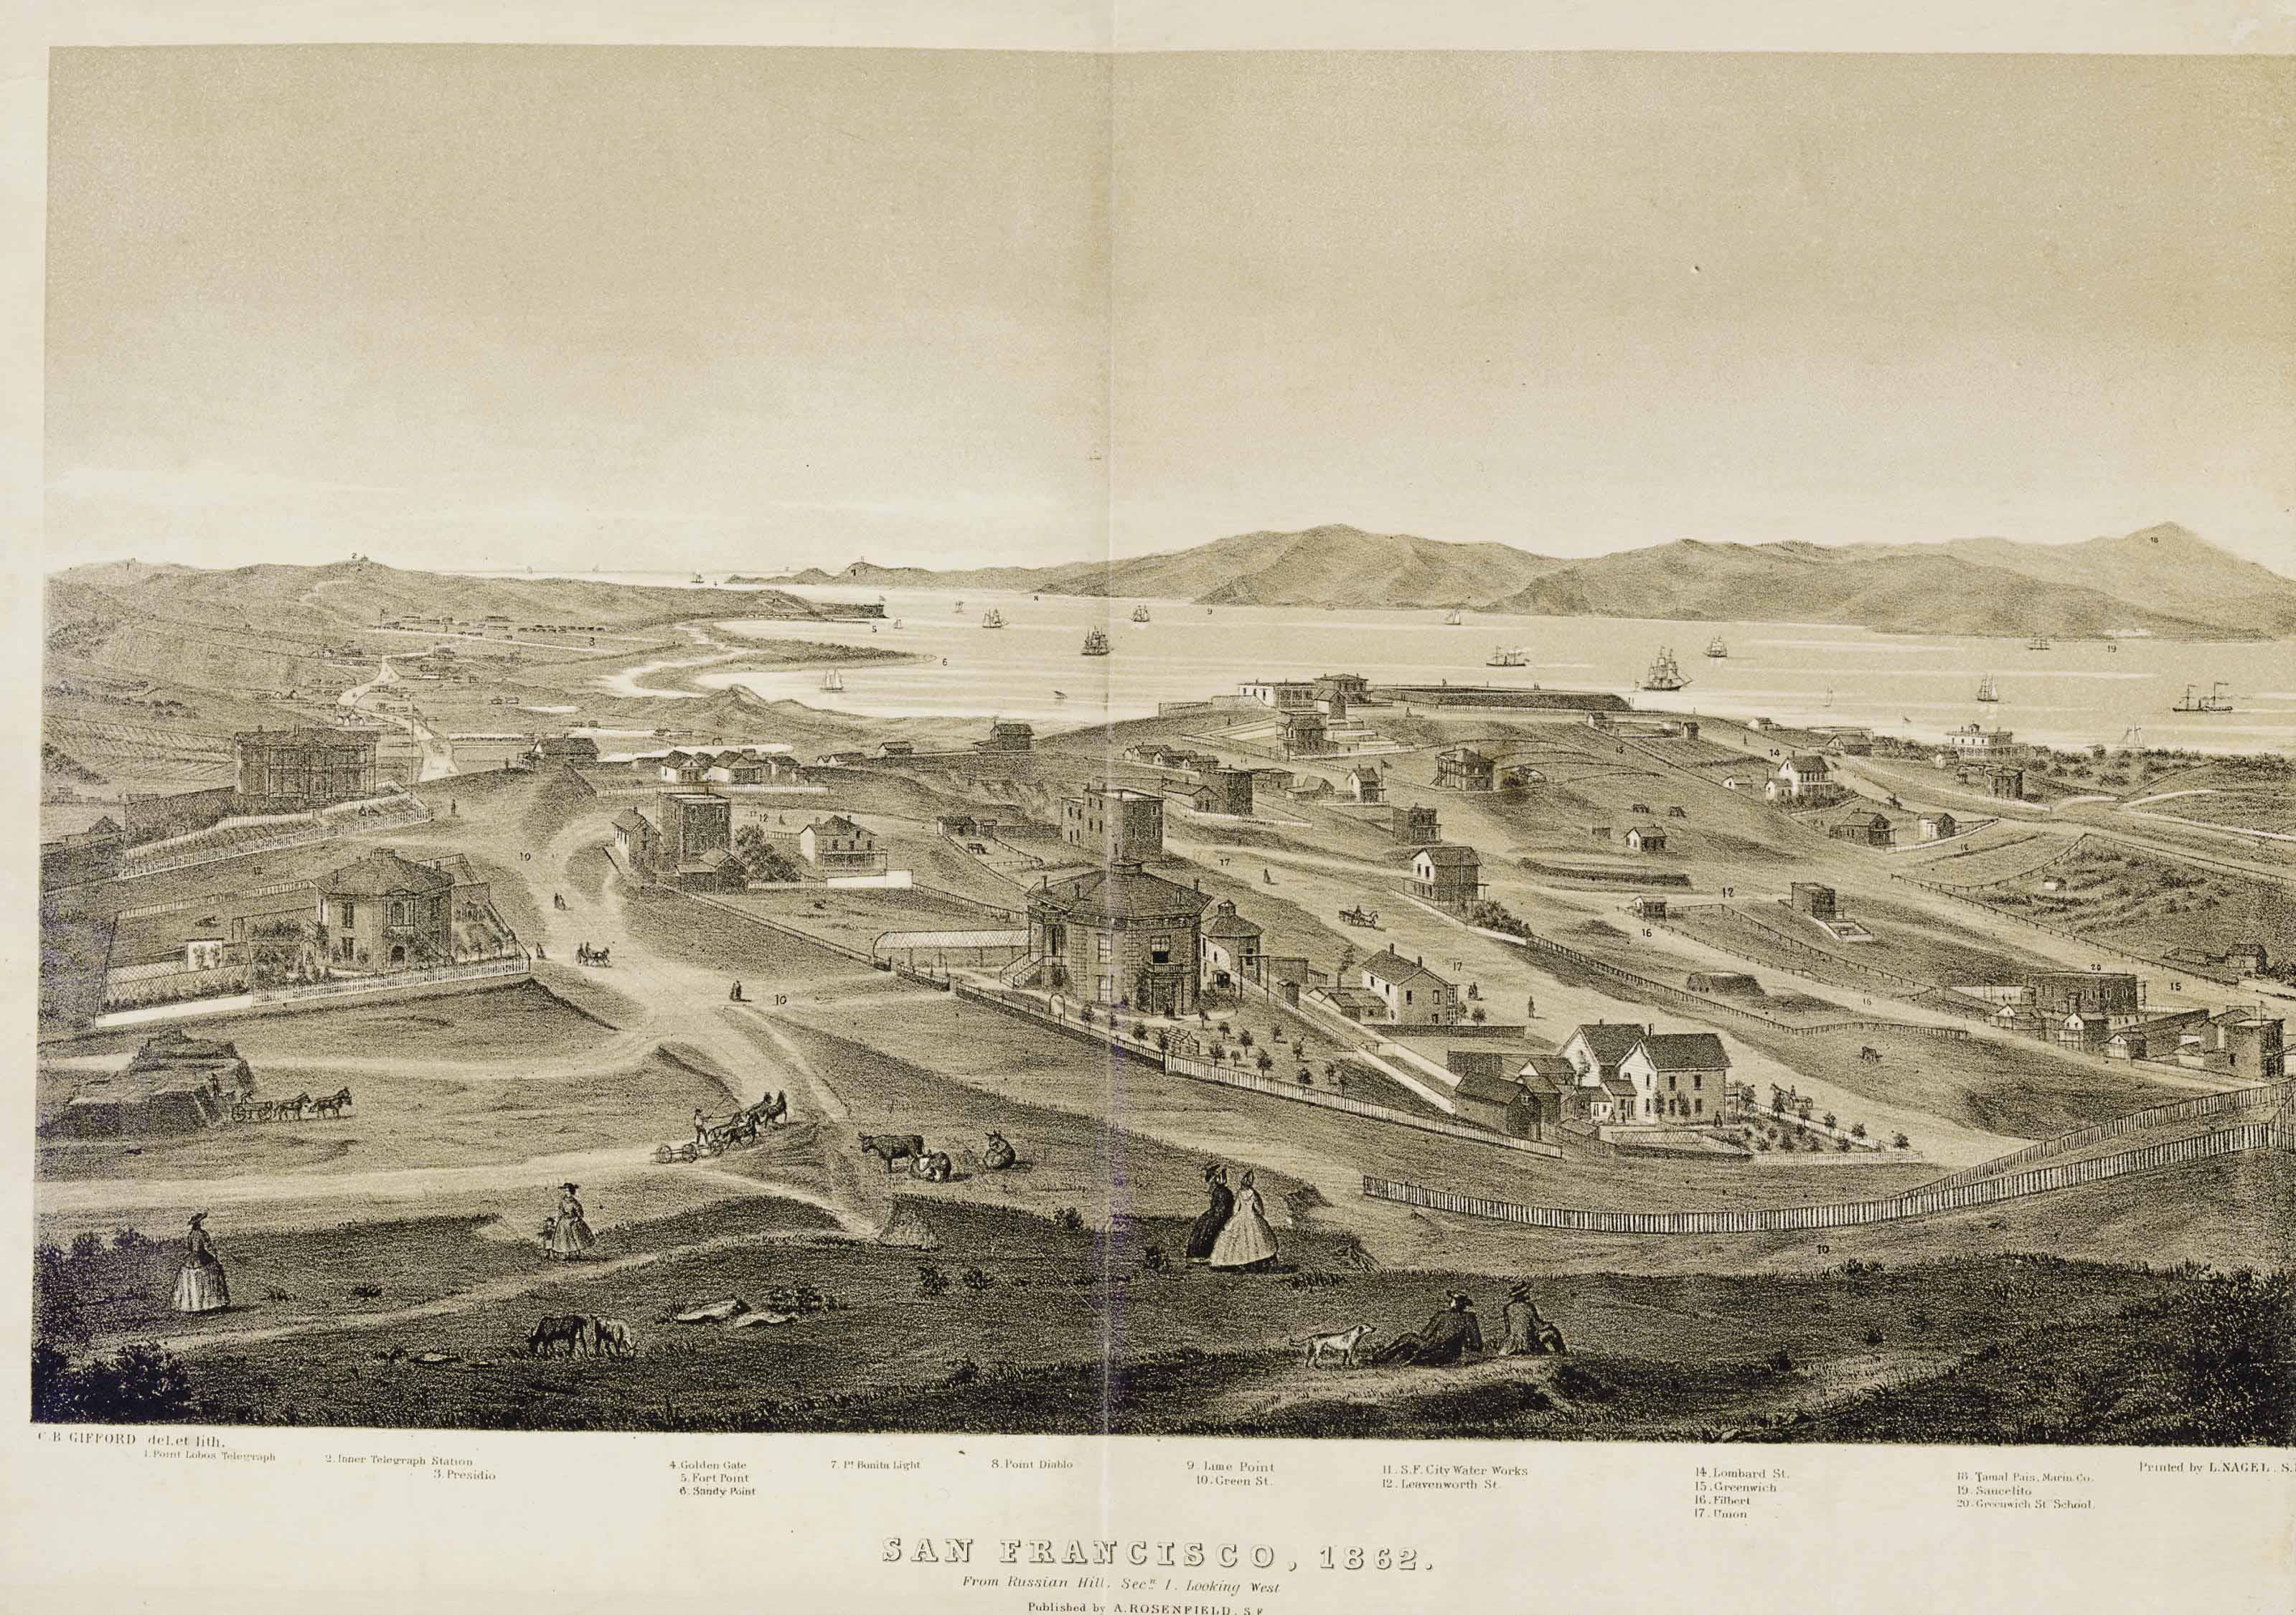 [SAN FRANCISCO]. GIFFORD, Char